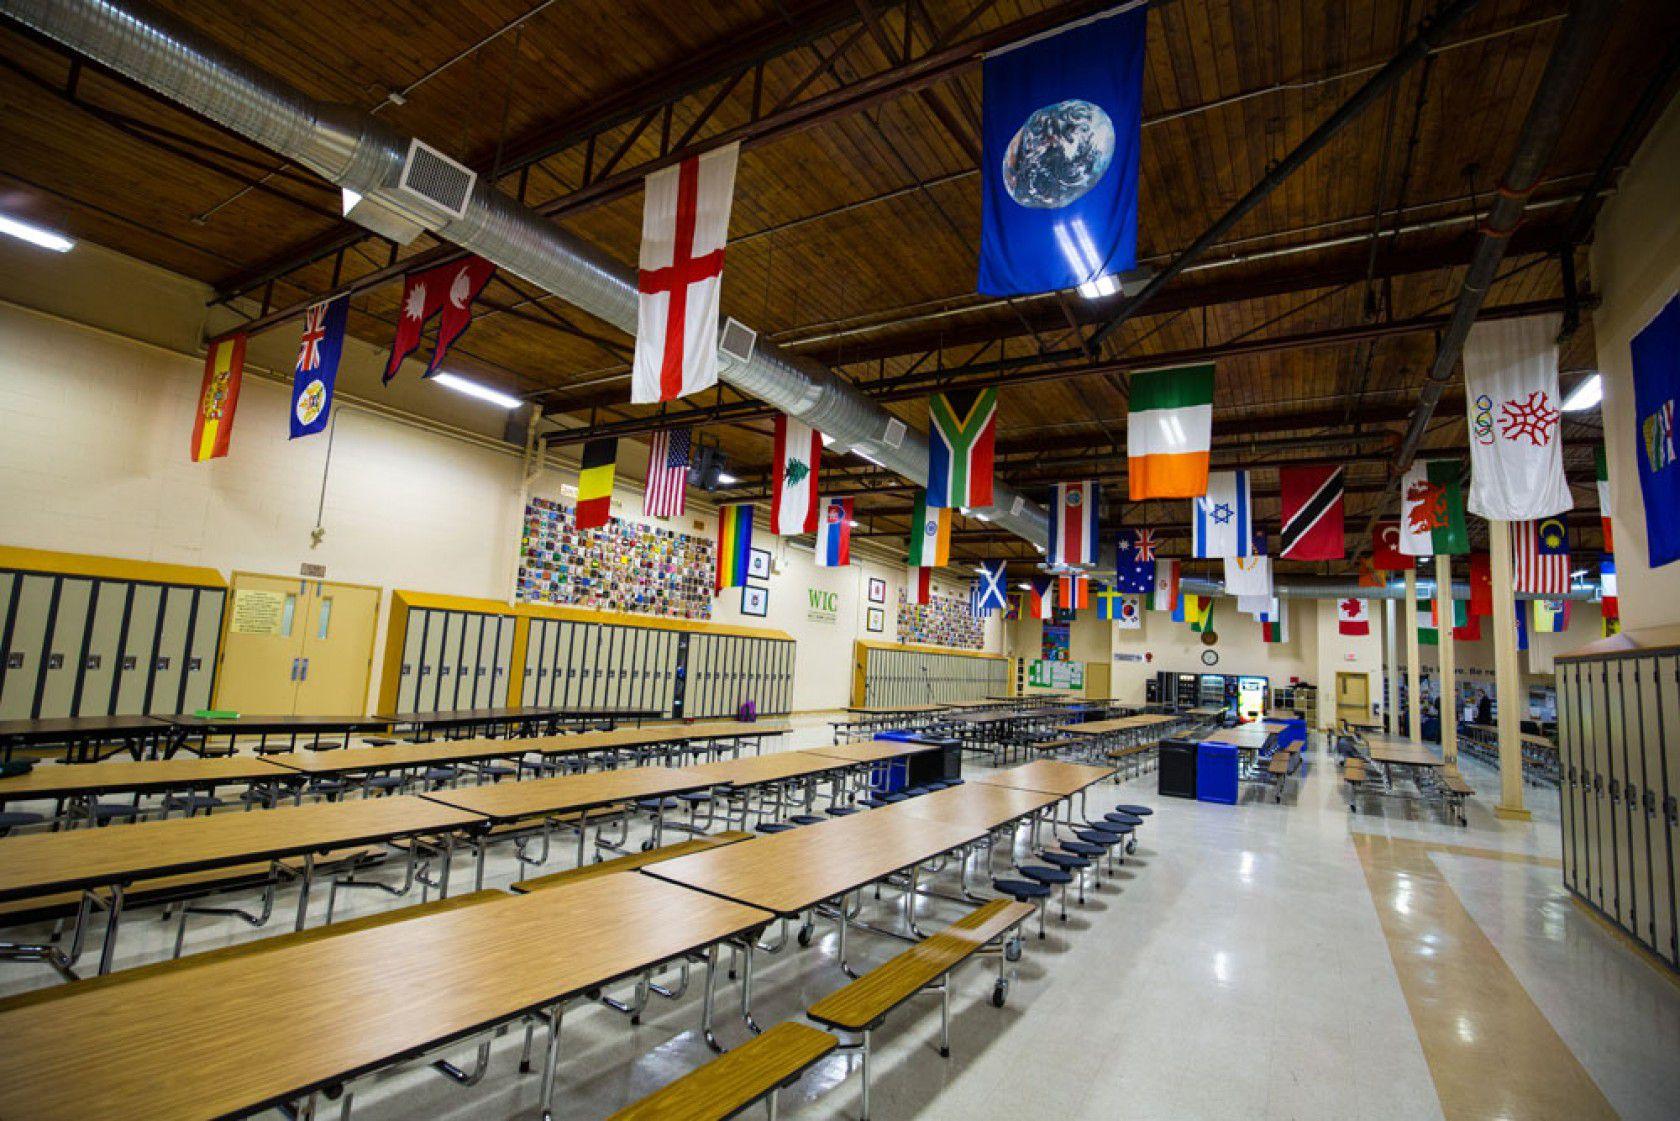 Kanada özel liselerinden West Island College / College De L'Ouest de L'Ile